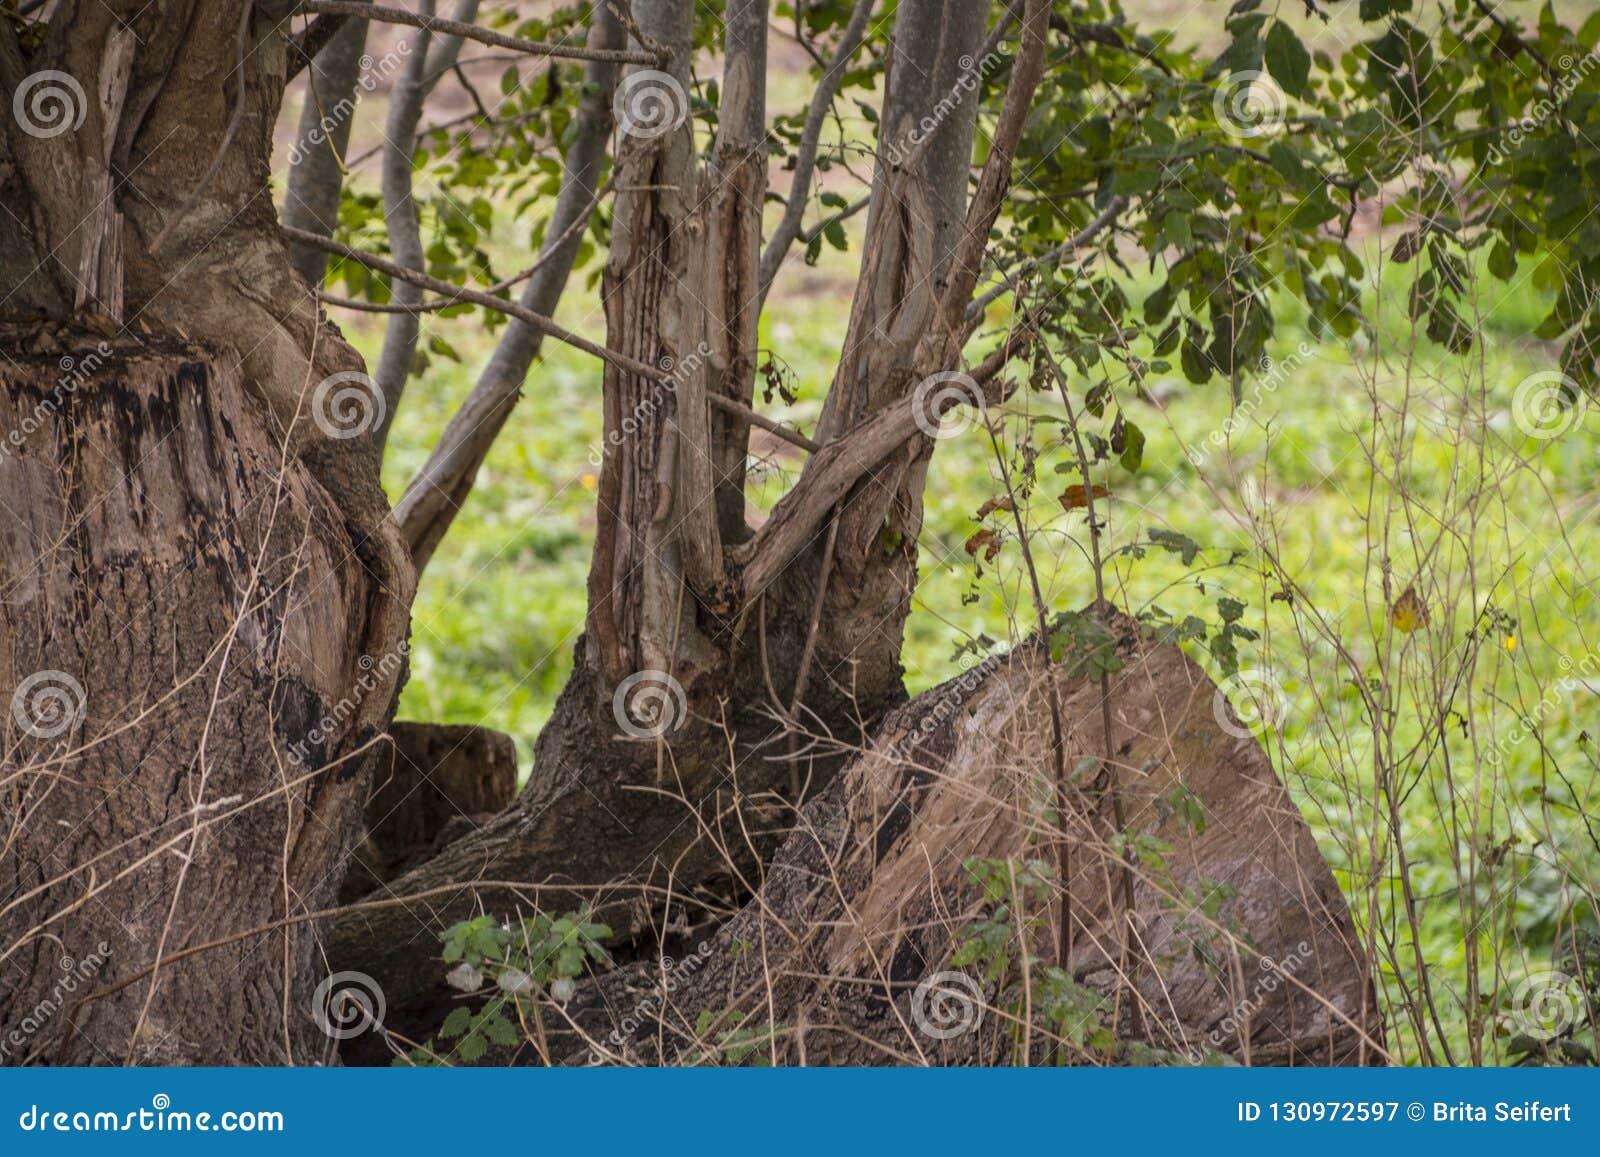 Árvores velhas com raizes expostas - raizes poderosas